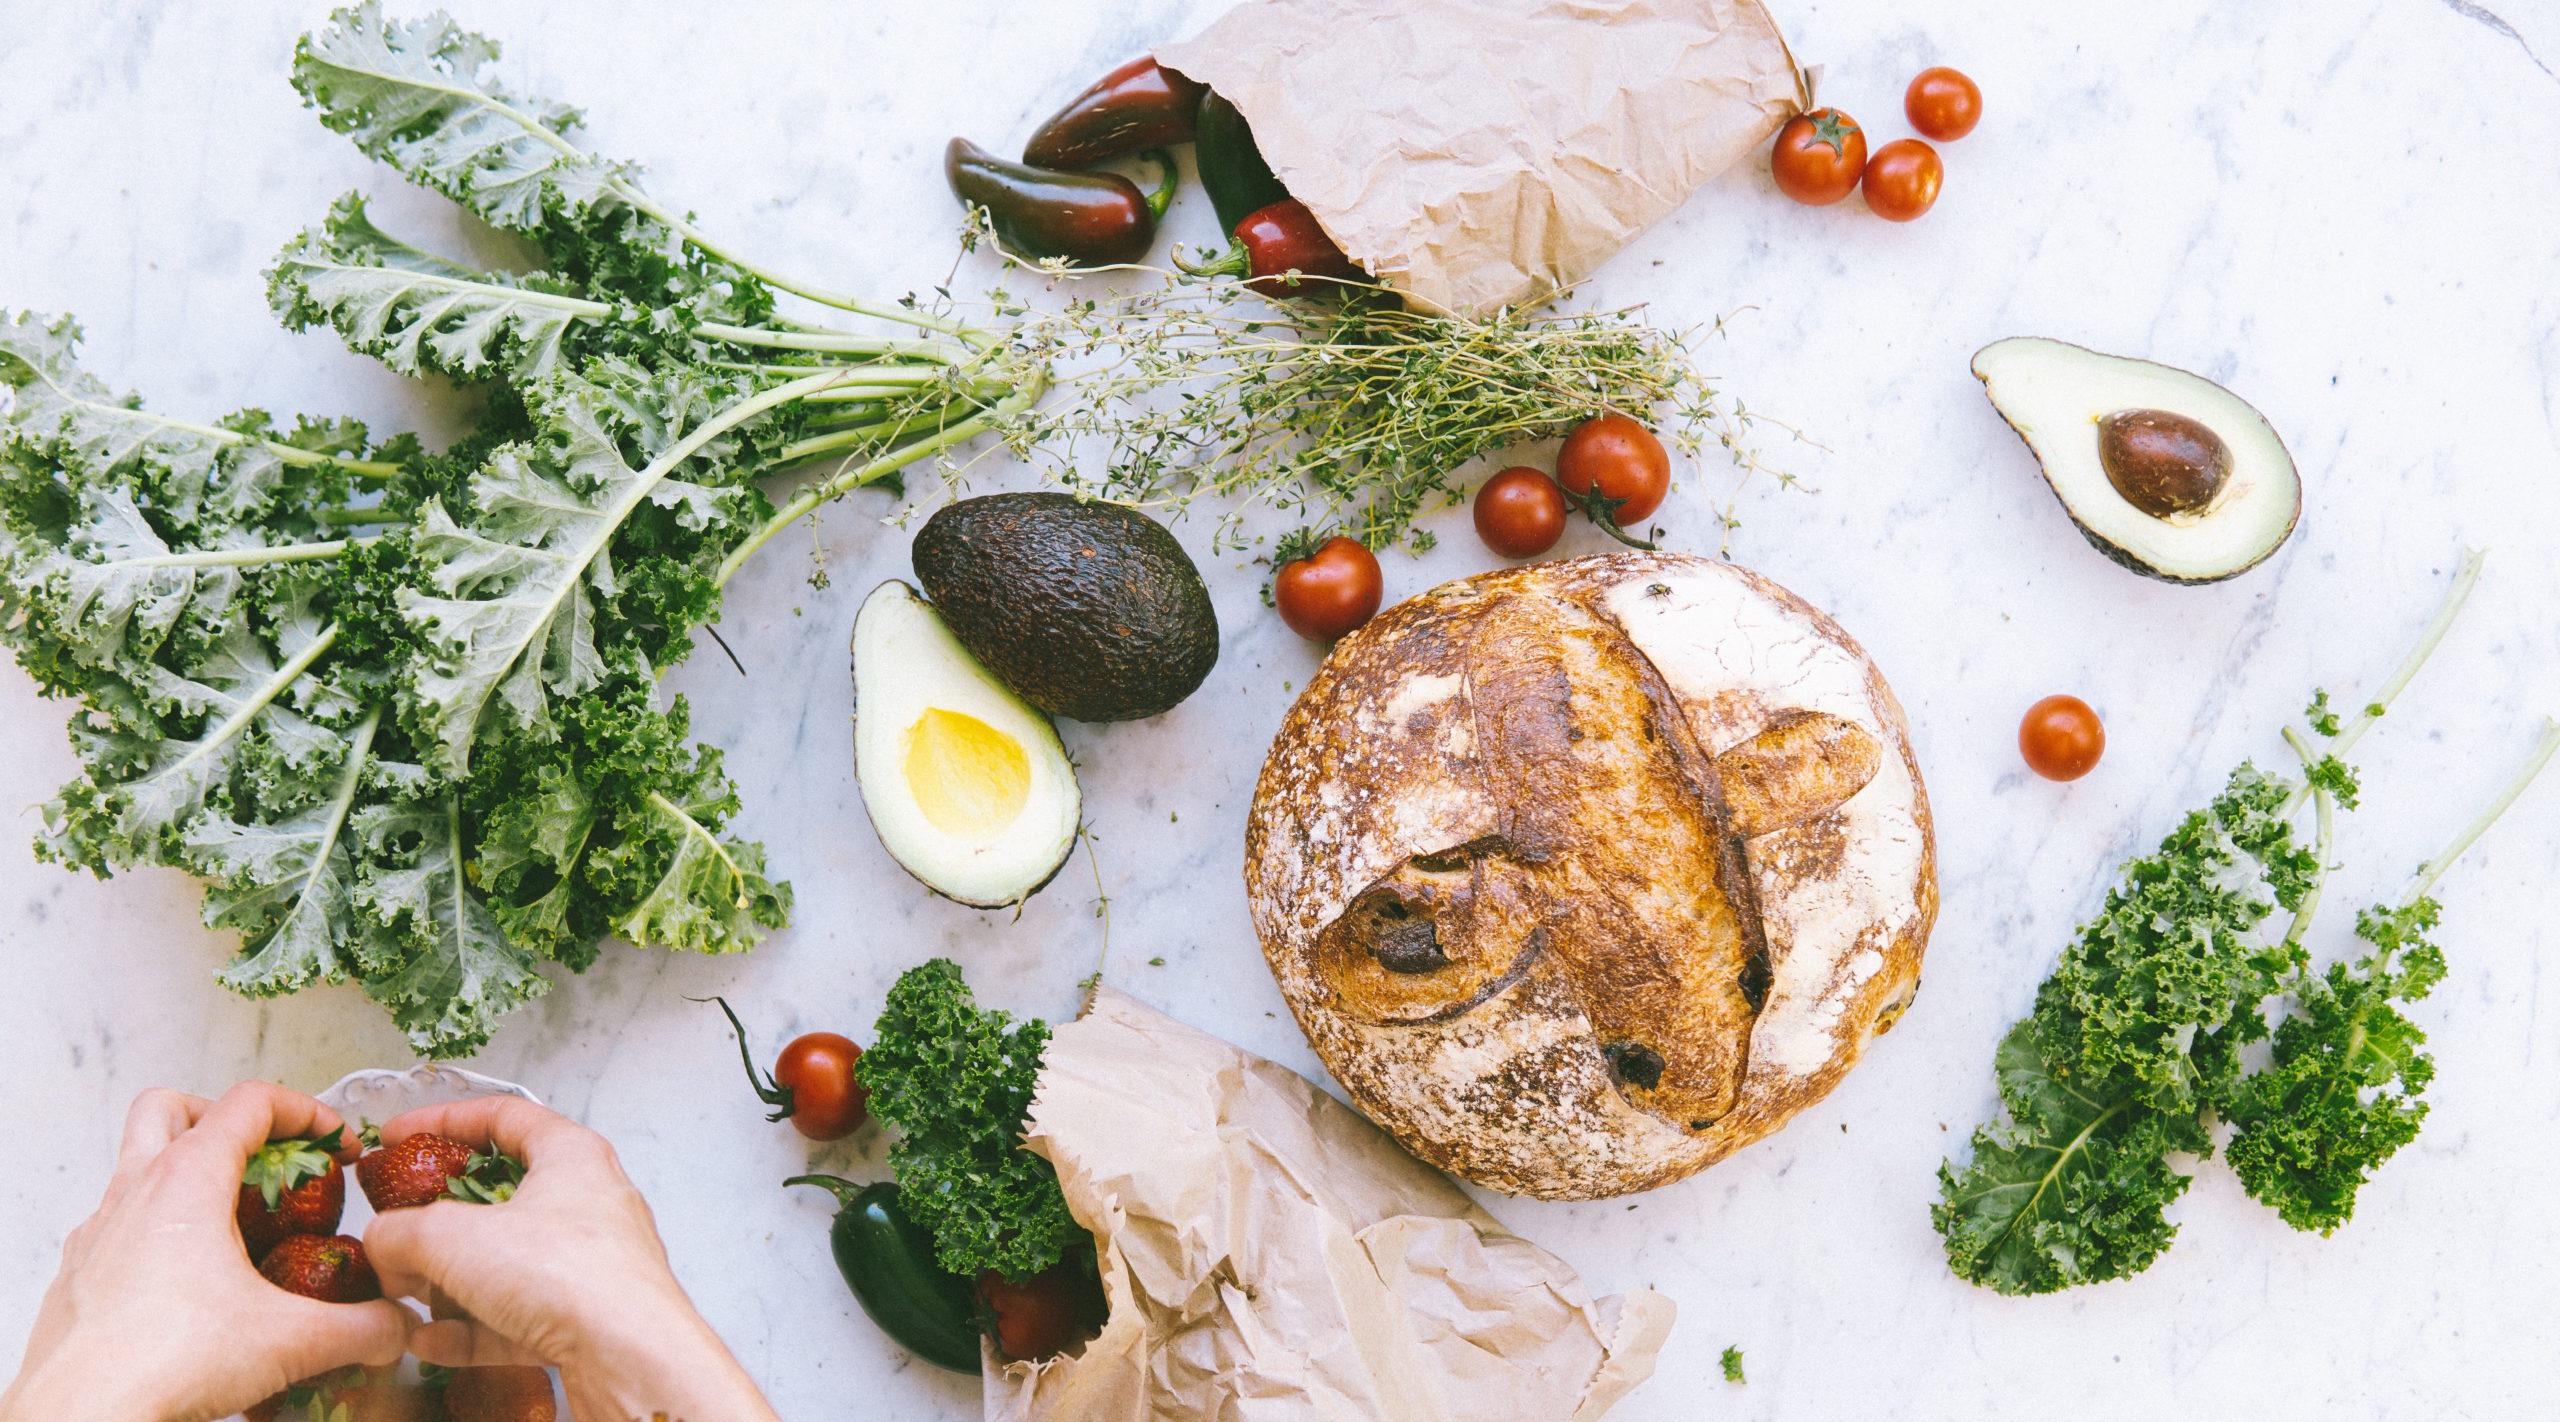 aliments anti-cancer : un bon régime alimentaire peut aider à prévenir les risques de maladie